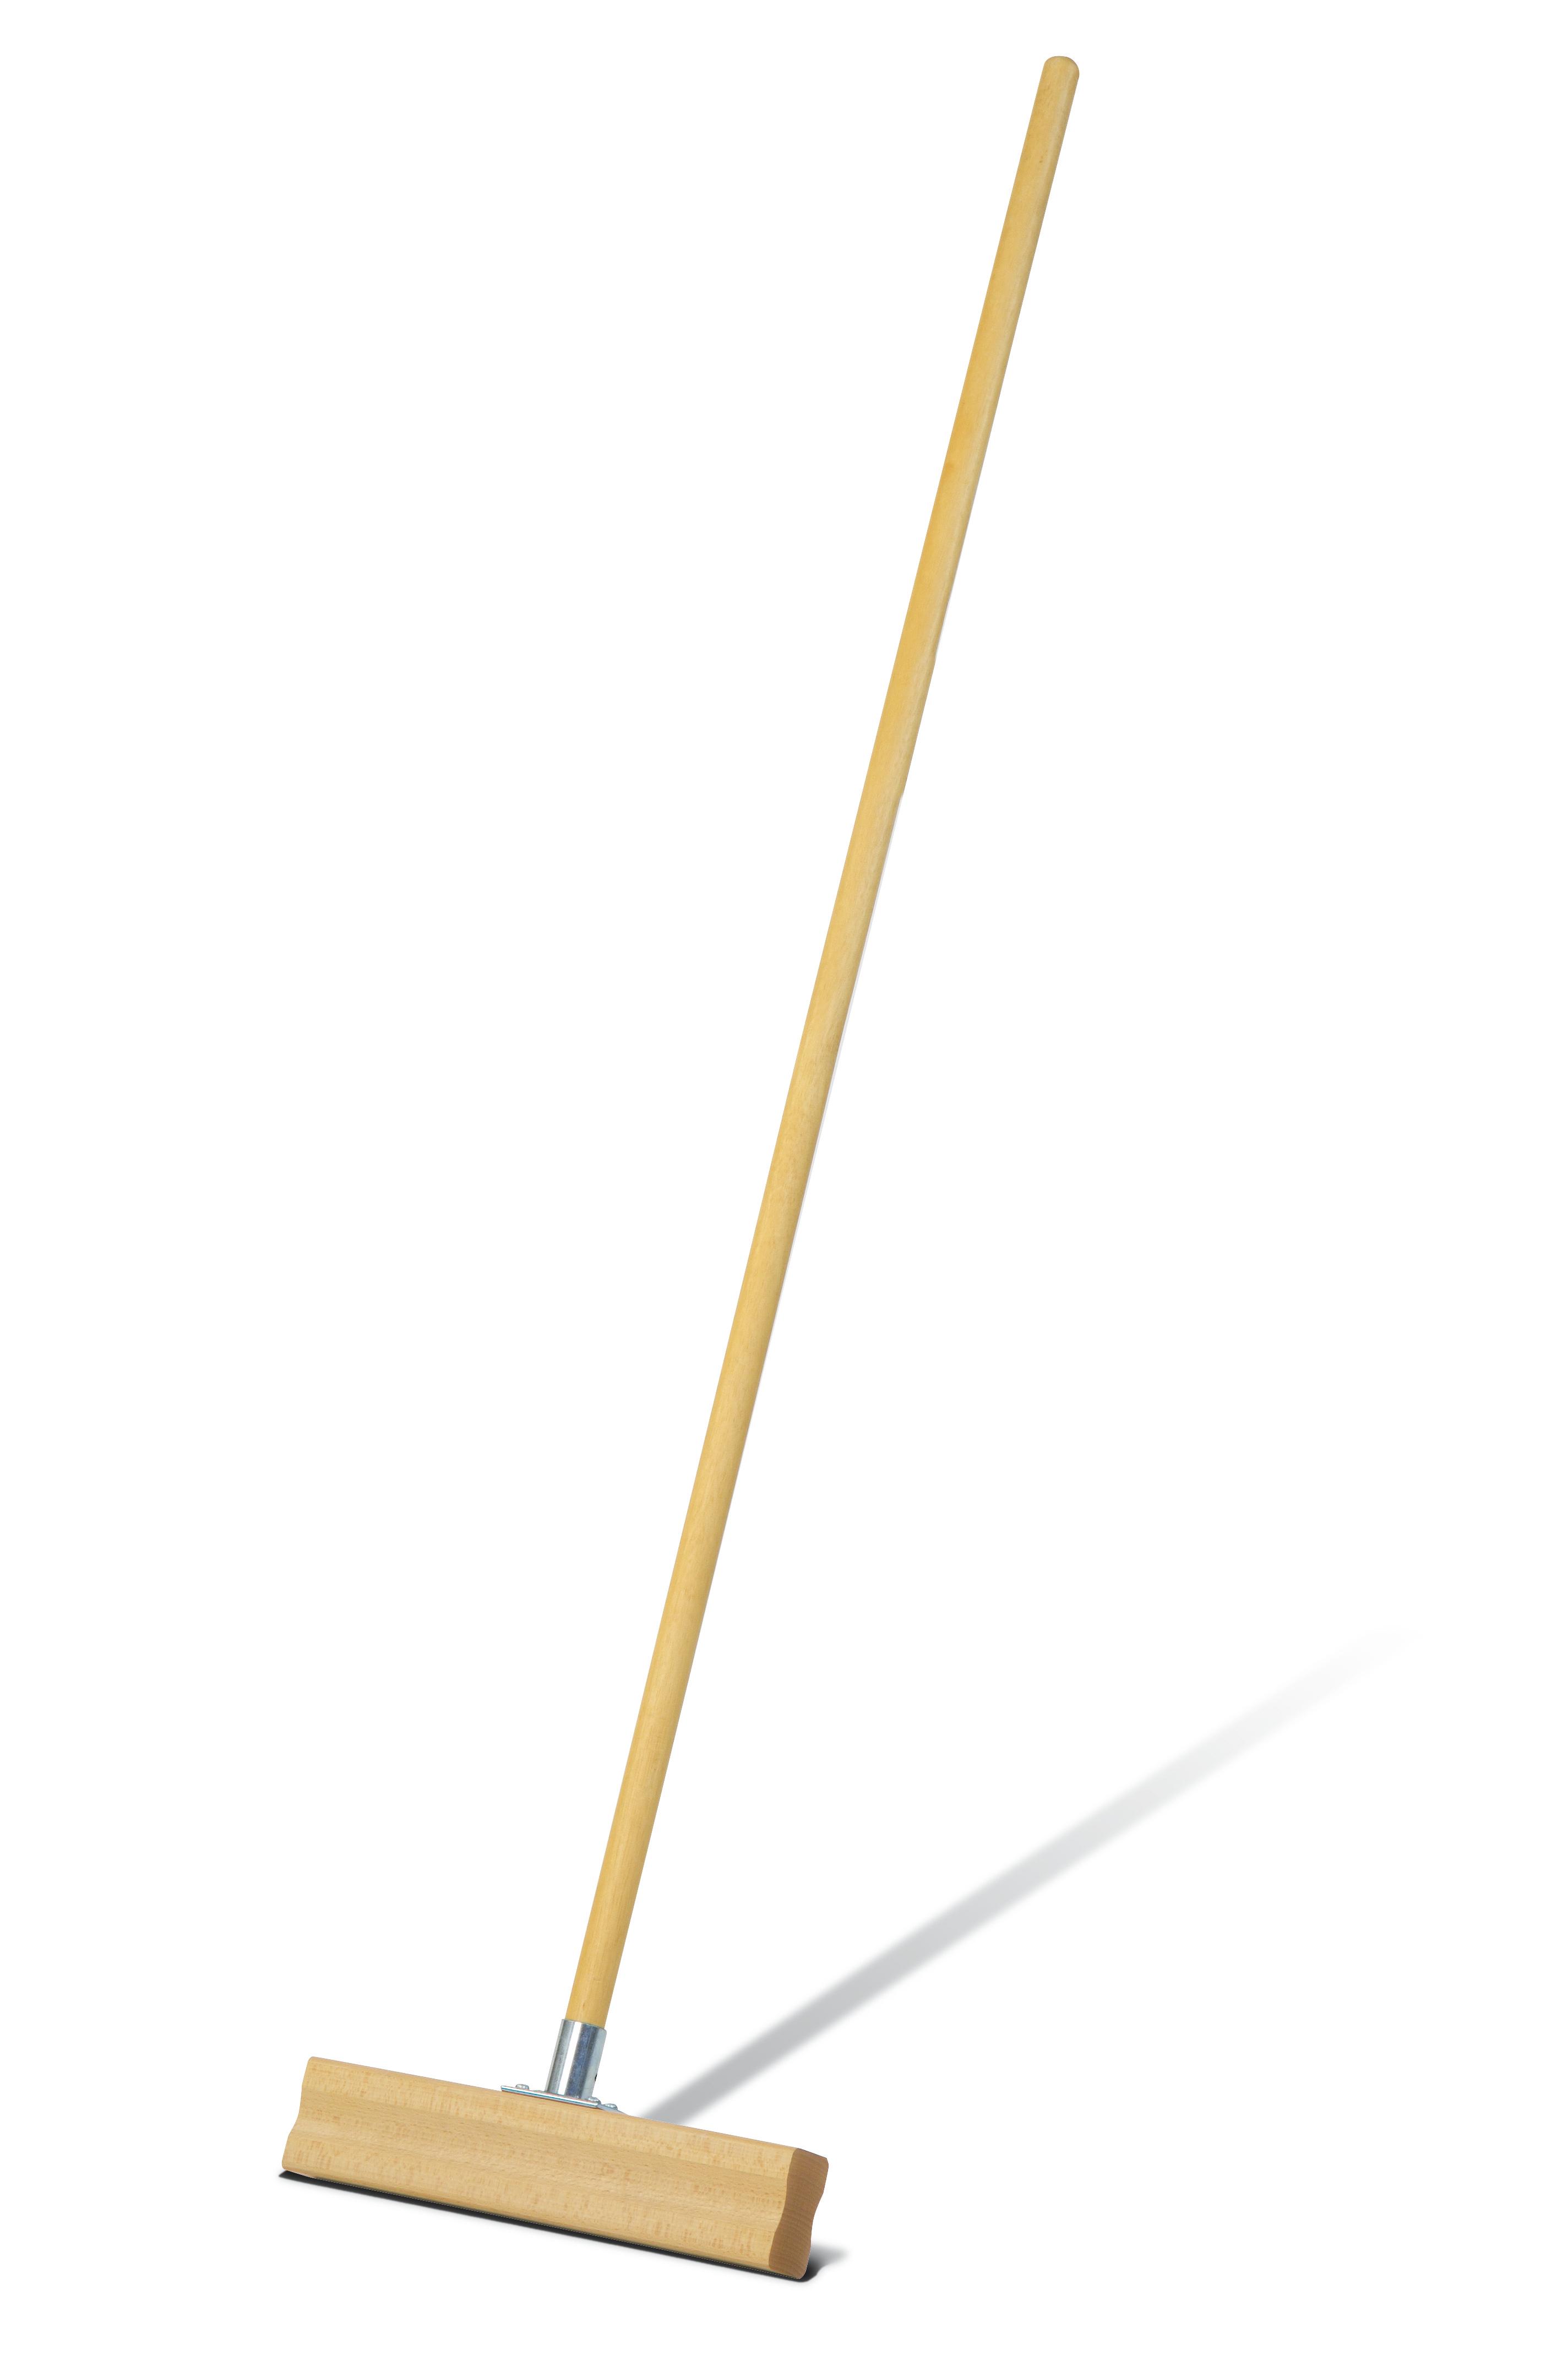 Carpet glider, 1.8 kg Pajarito